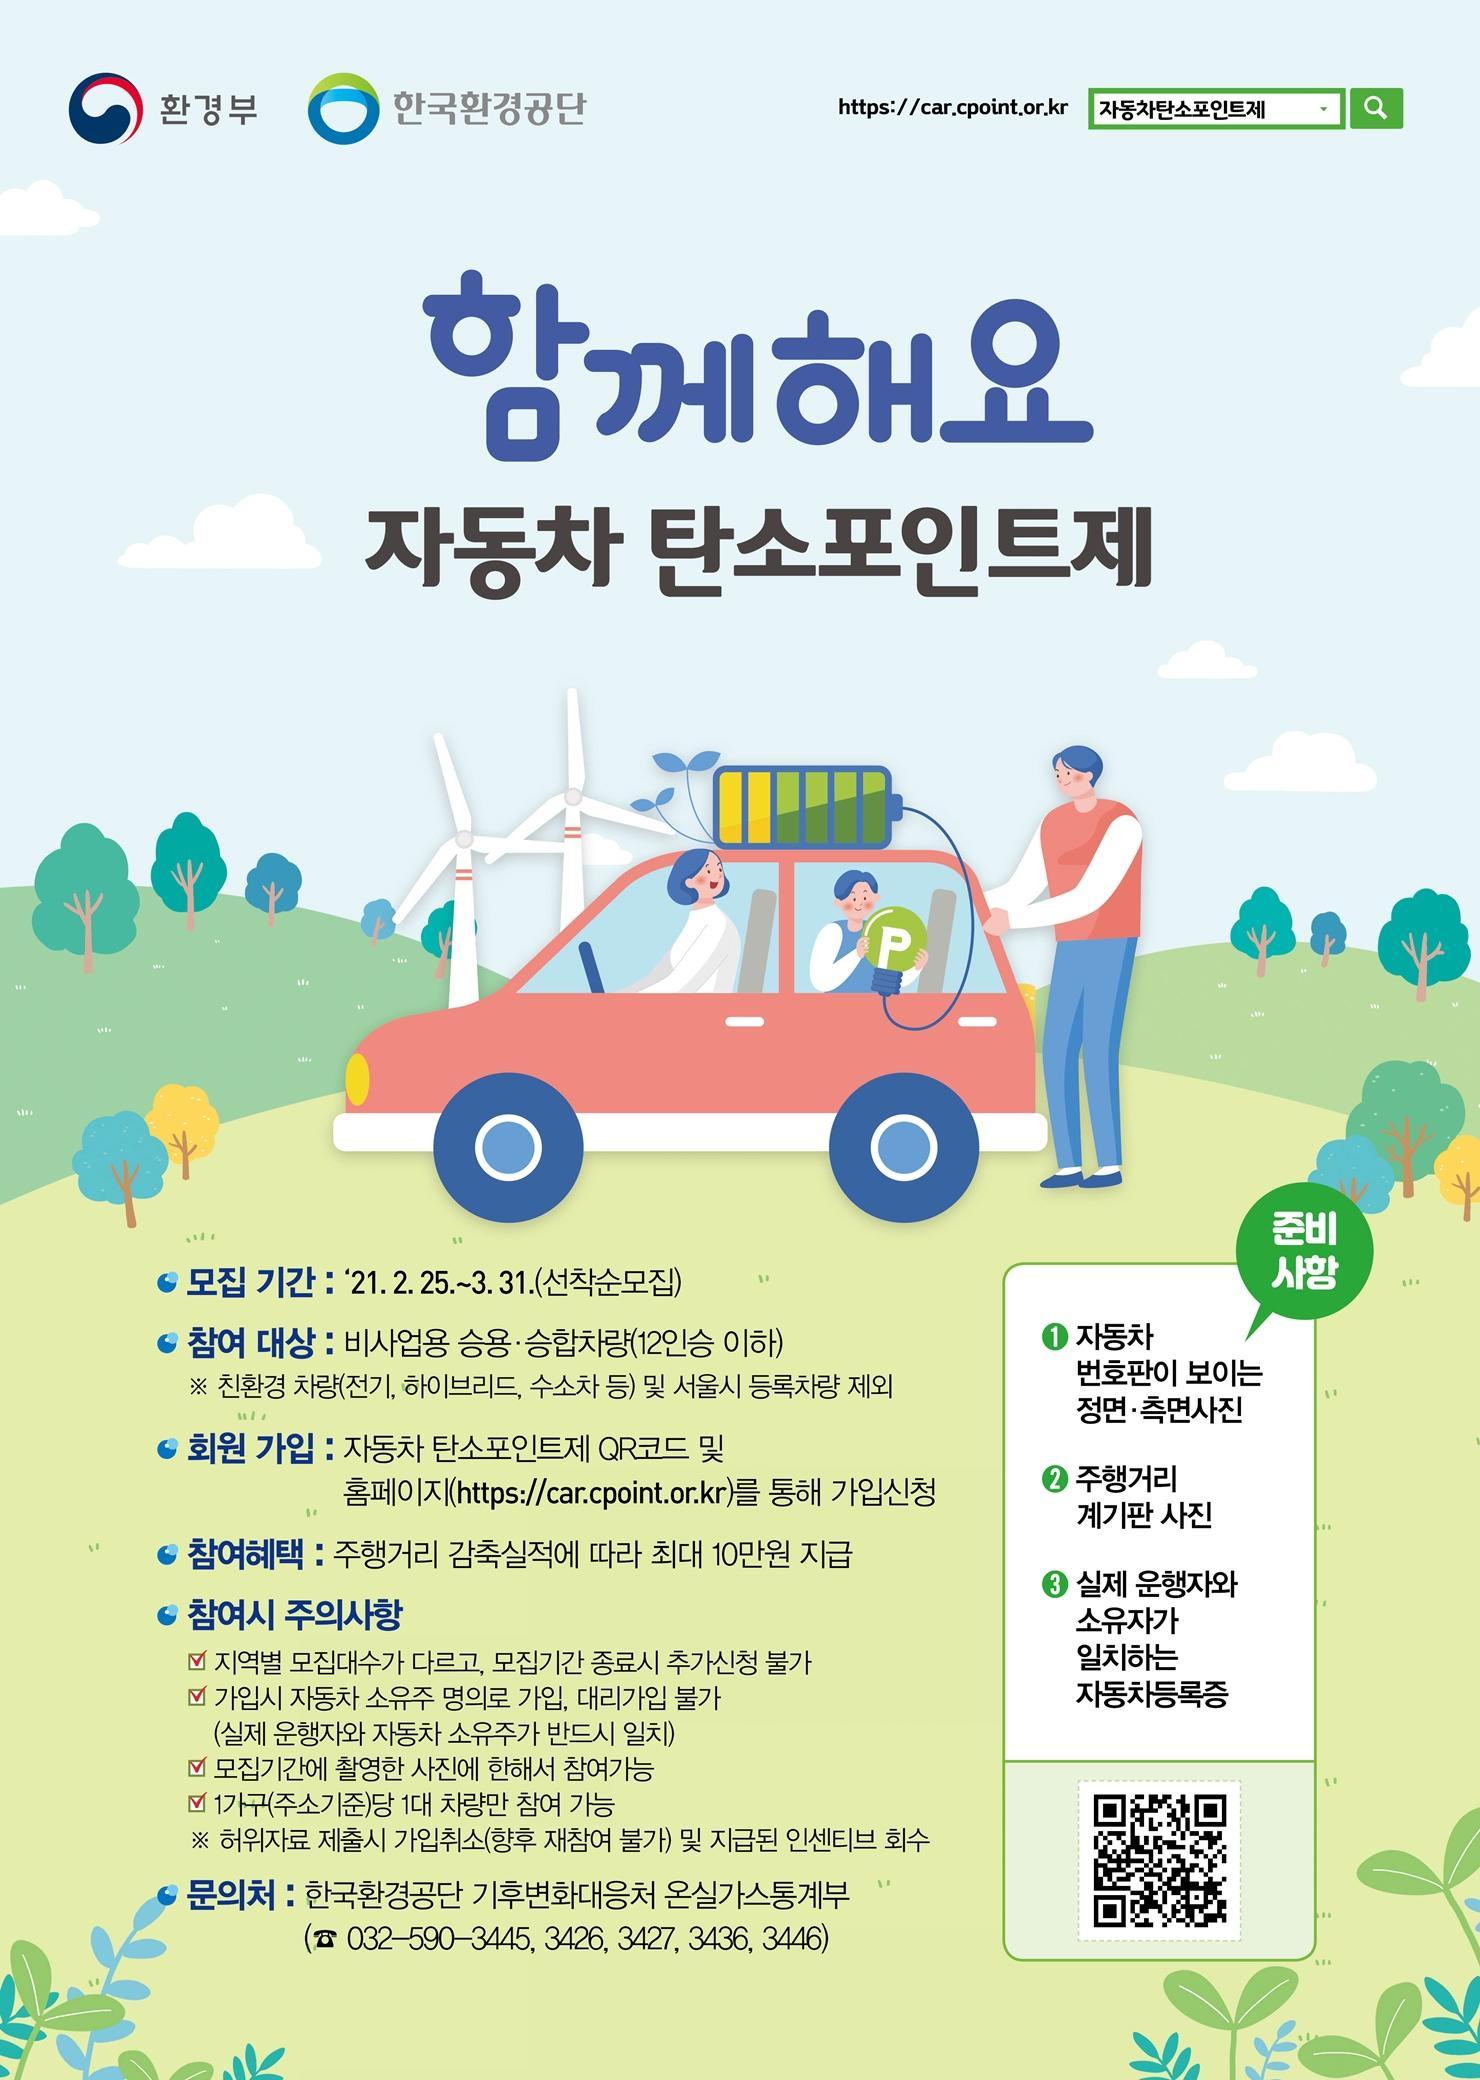 자동차 탄소포인제자동차 탄소포인제